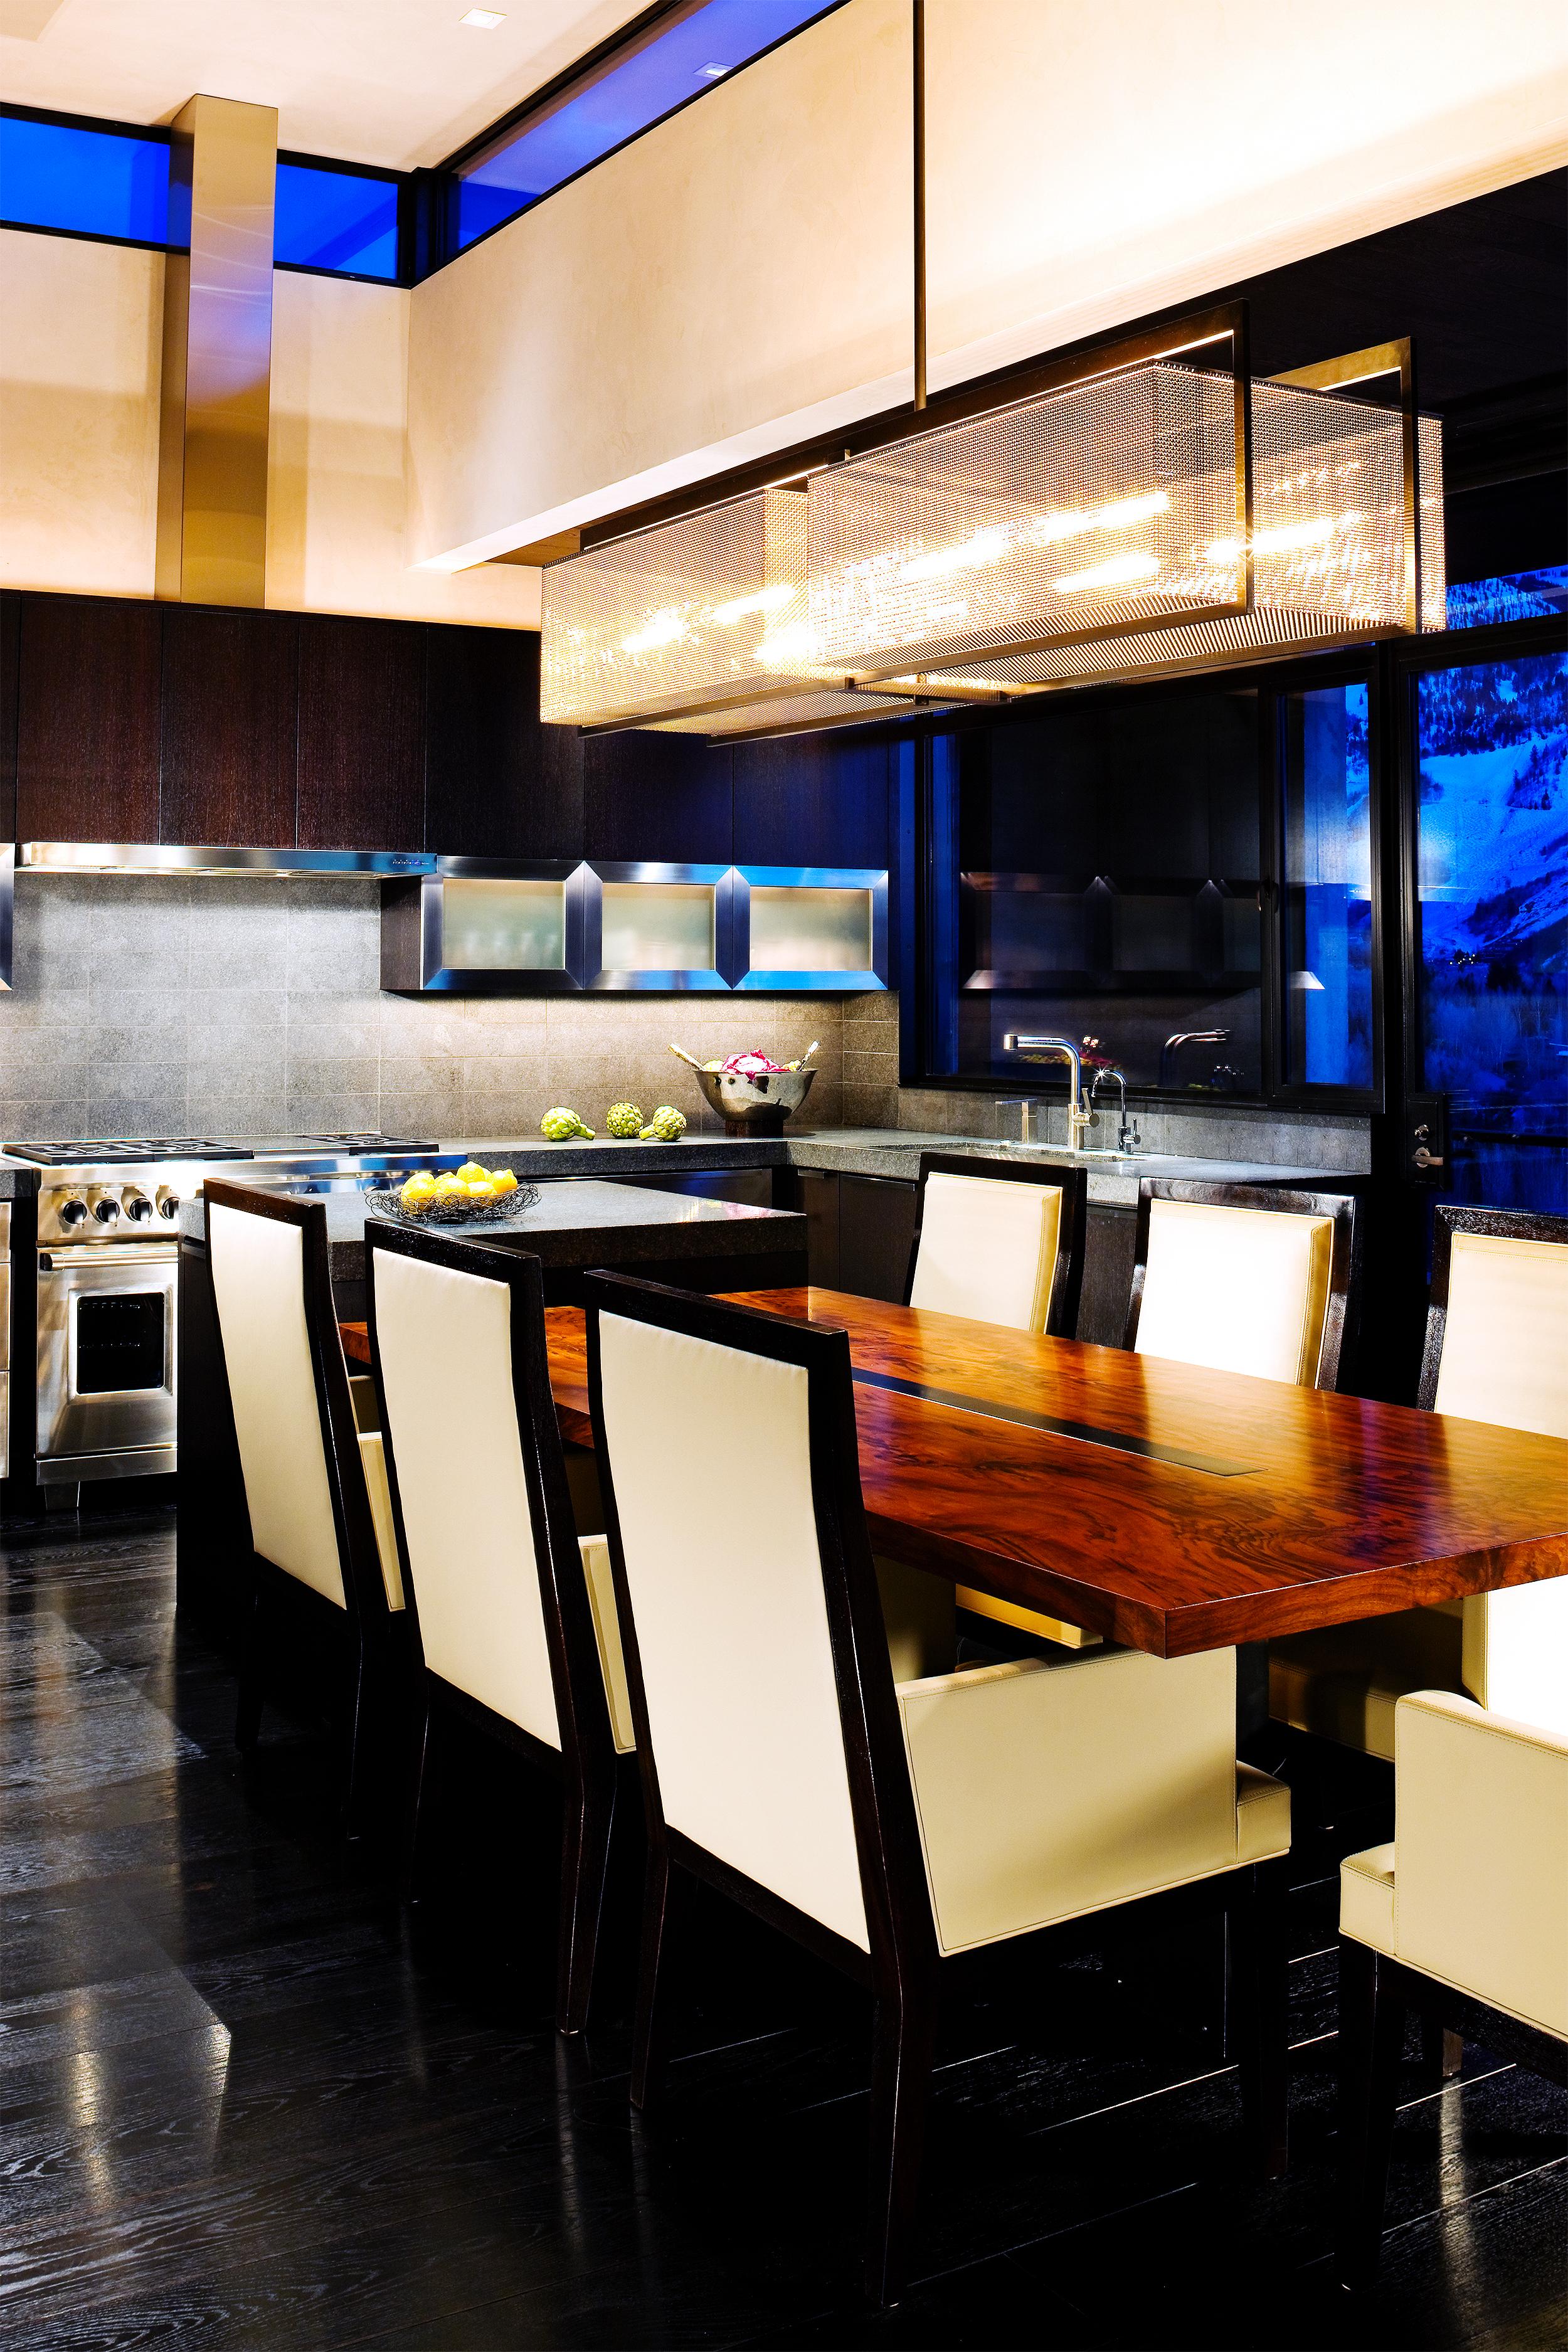 Magnifico_kitchen.jpg